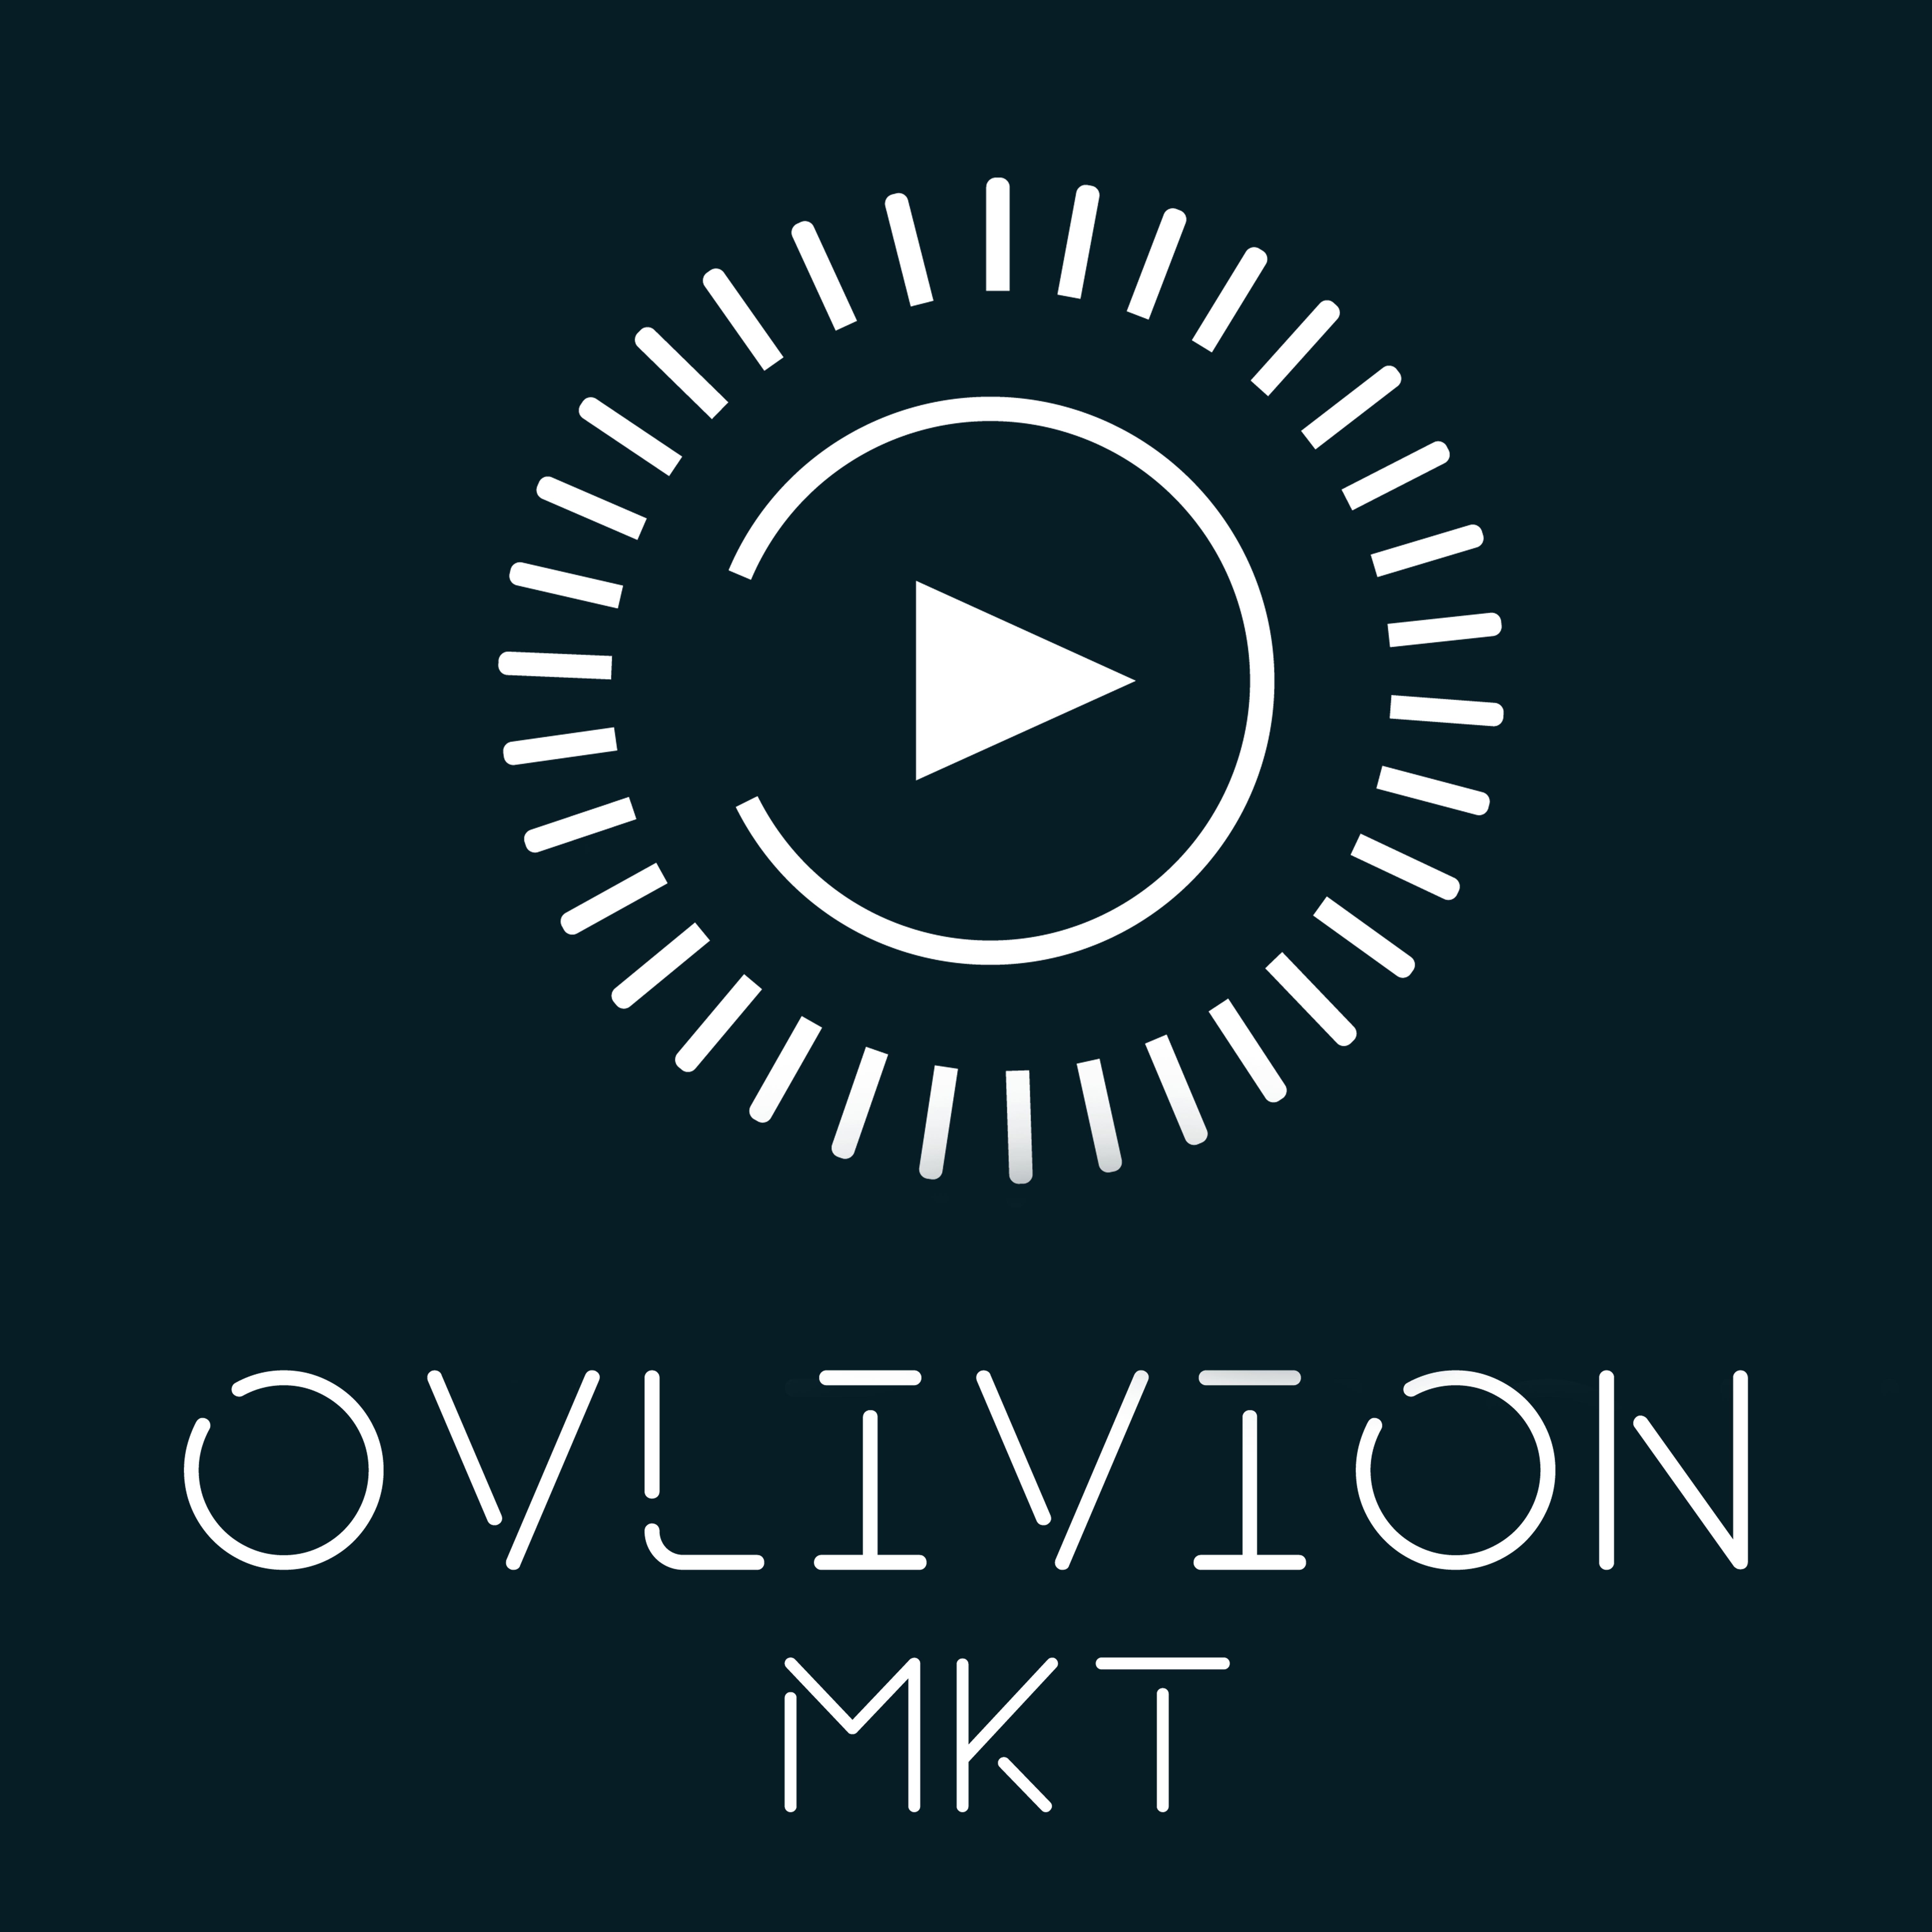 Ovlivion Mkt Logo